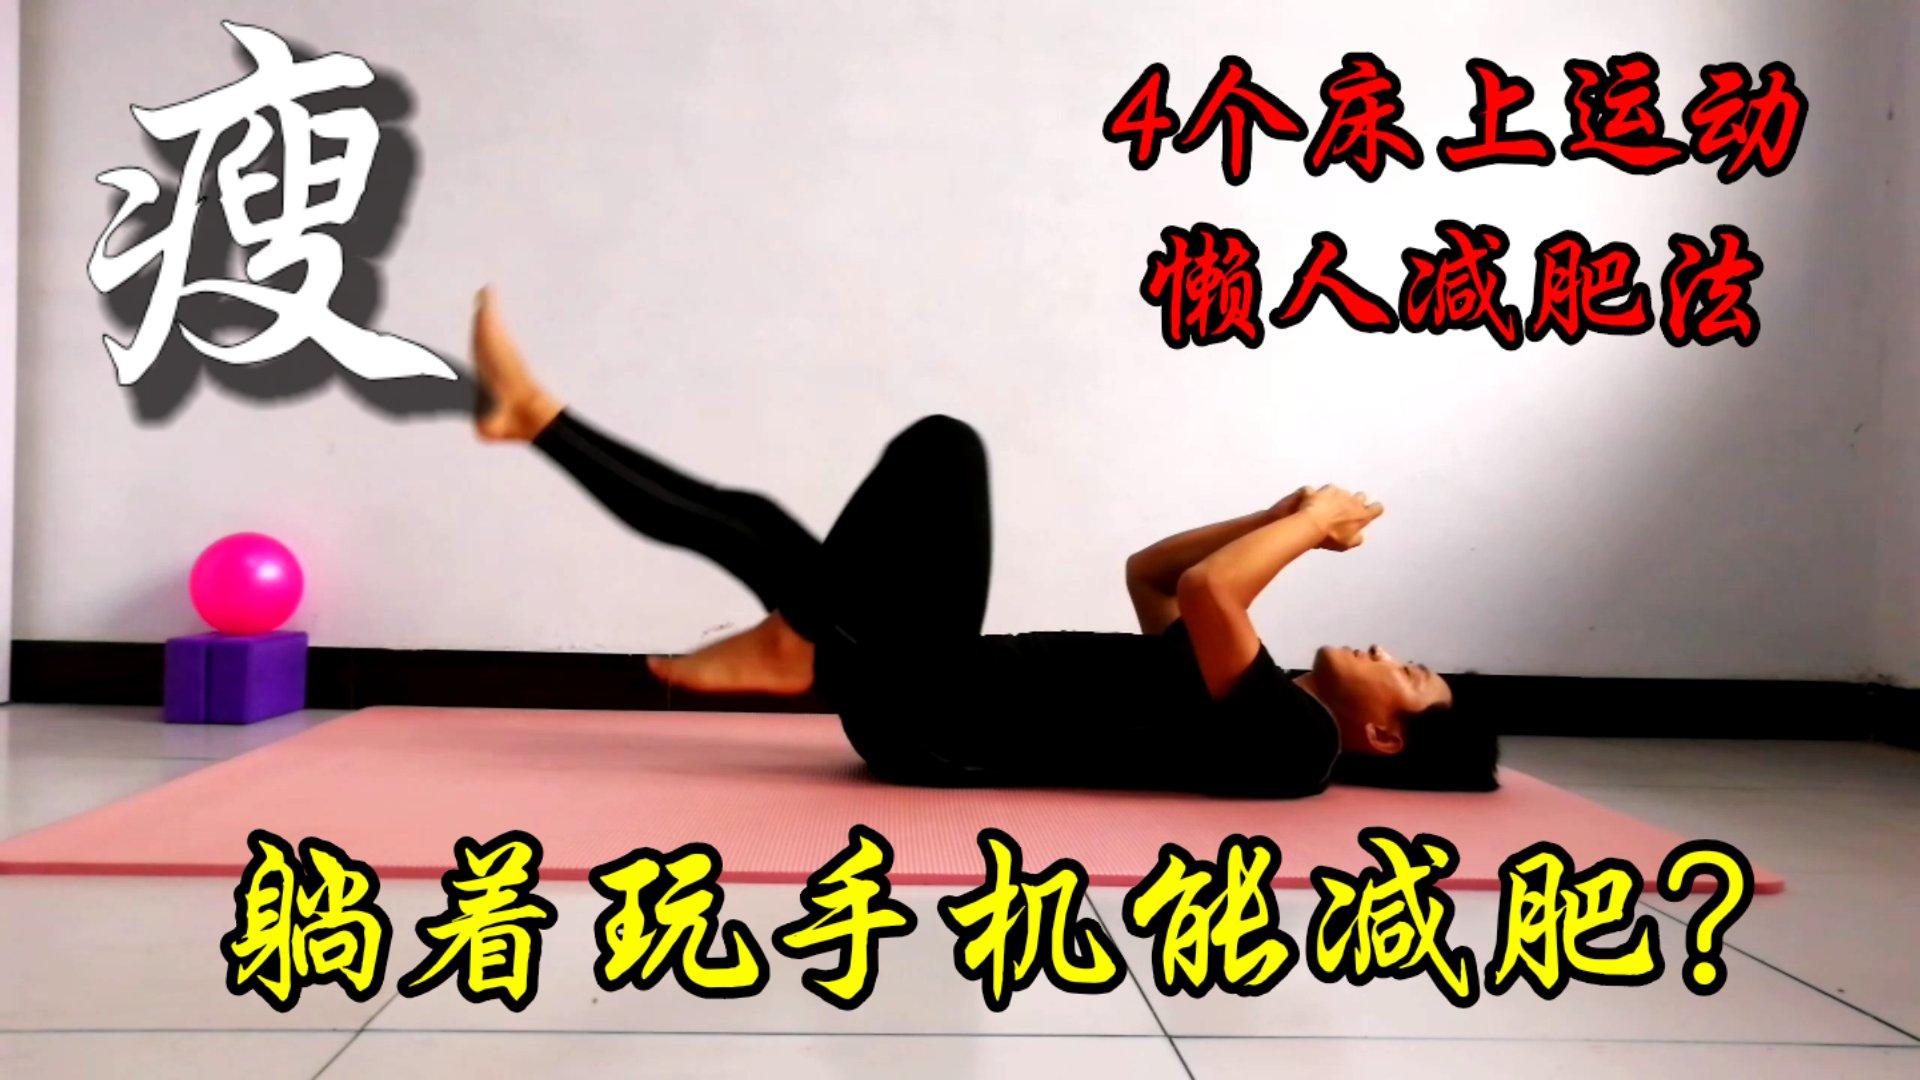 【夏季焦易战】躺着玩手机减肥的4个动作,懒人减肥须知,一样可以暴瘦